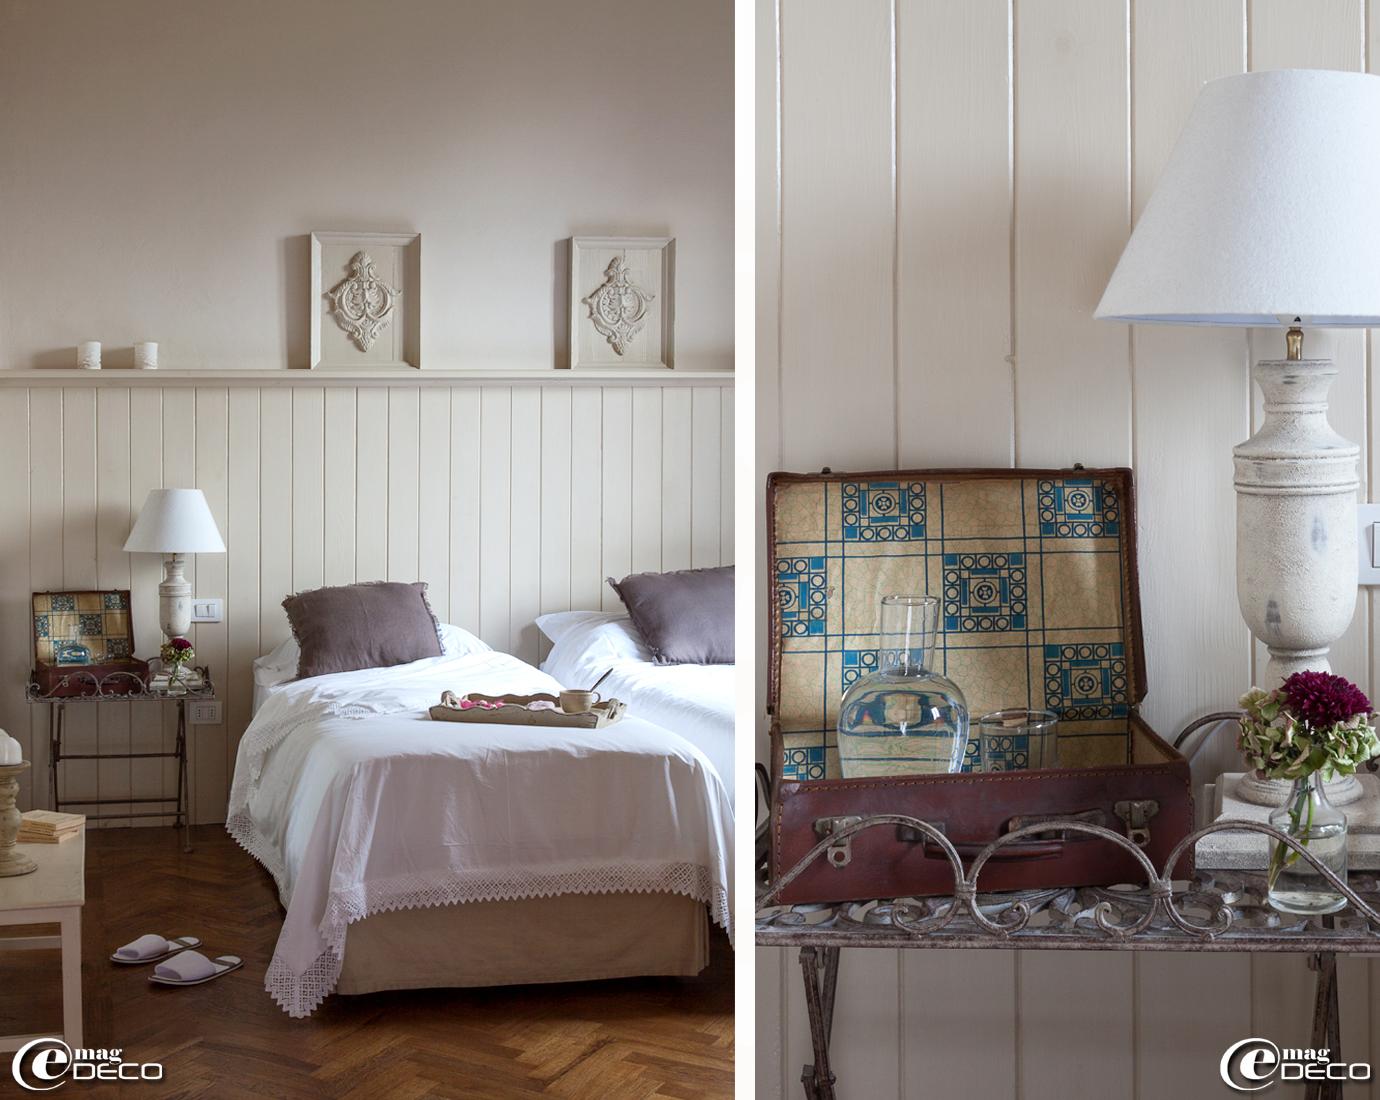 Housse de couette 'Zara Home' et coussins 'Broste Copenhagen' dans la chambre Segreti de la maison d'hôtes de charme 'Valdirose', en Toscane